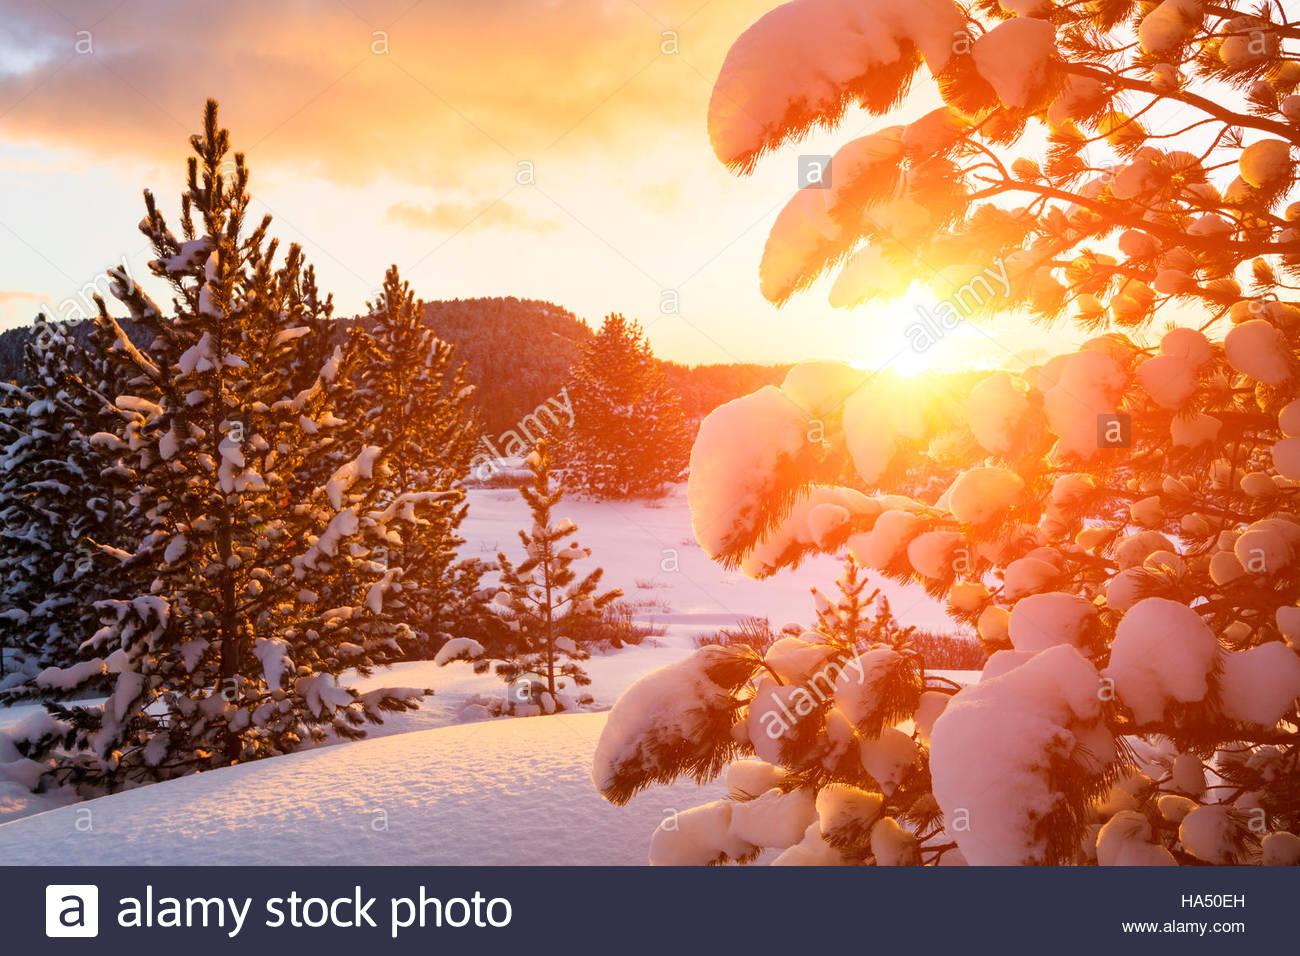 Foresta invernale al tramonto Immagini Stock